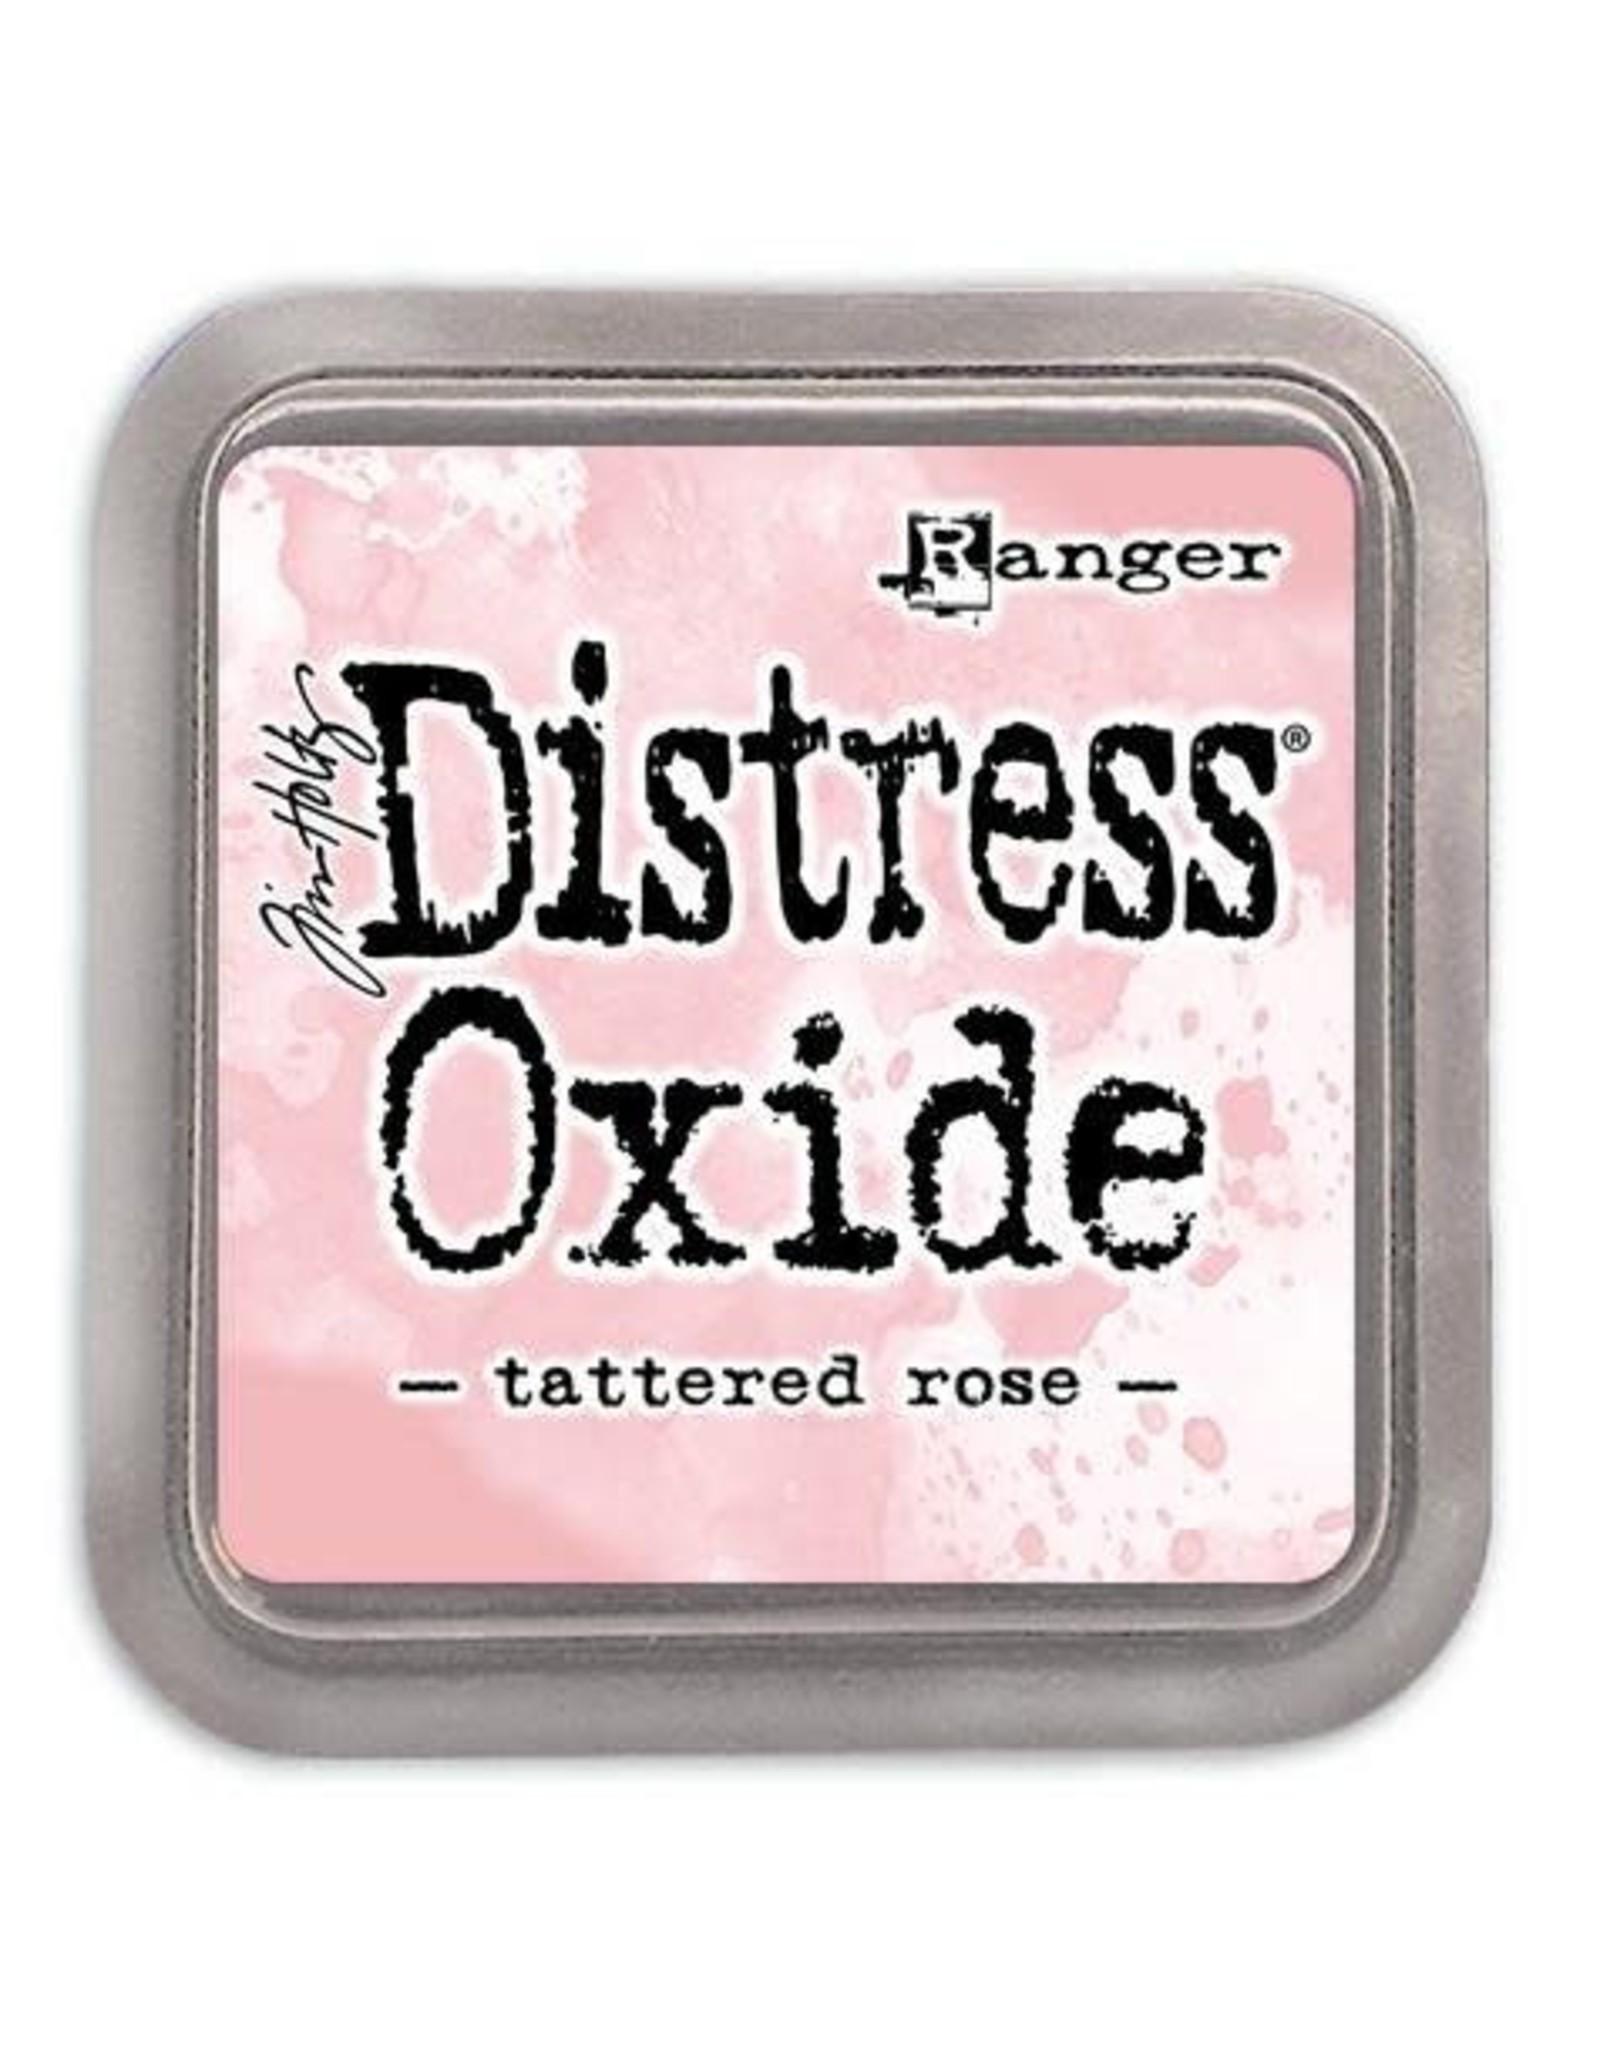 Ranger Distress Oxide Ranger Distress Oxide - tattered rose